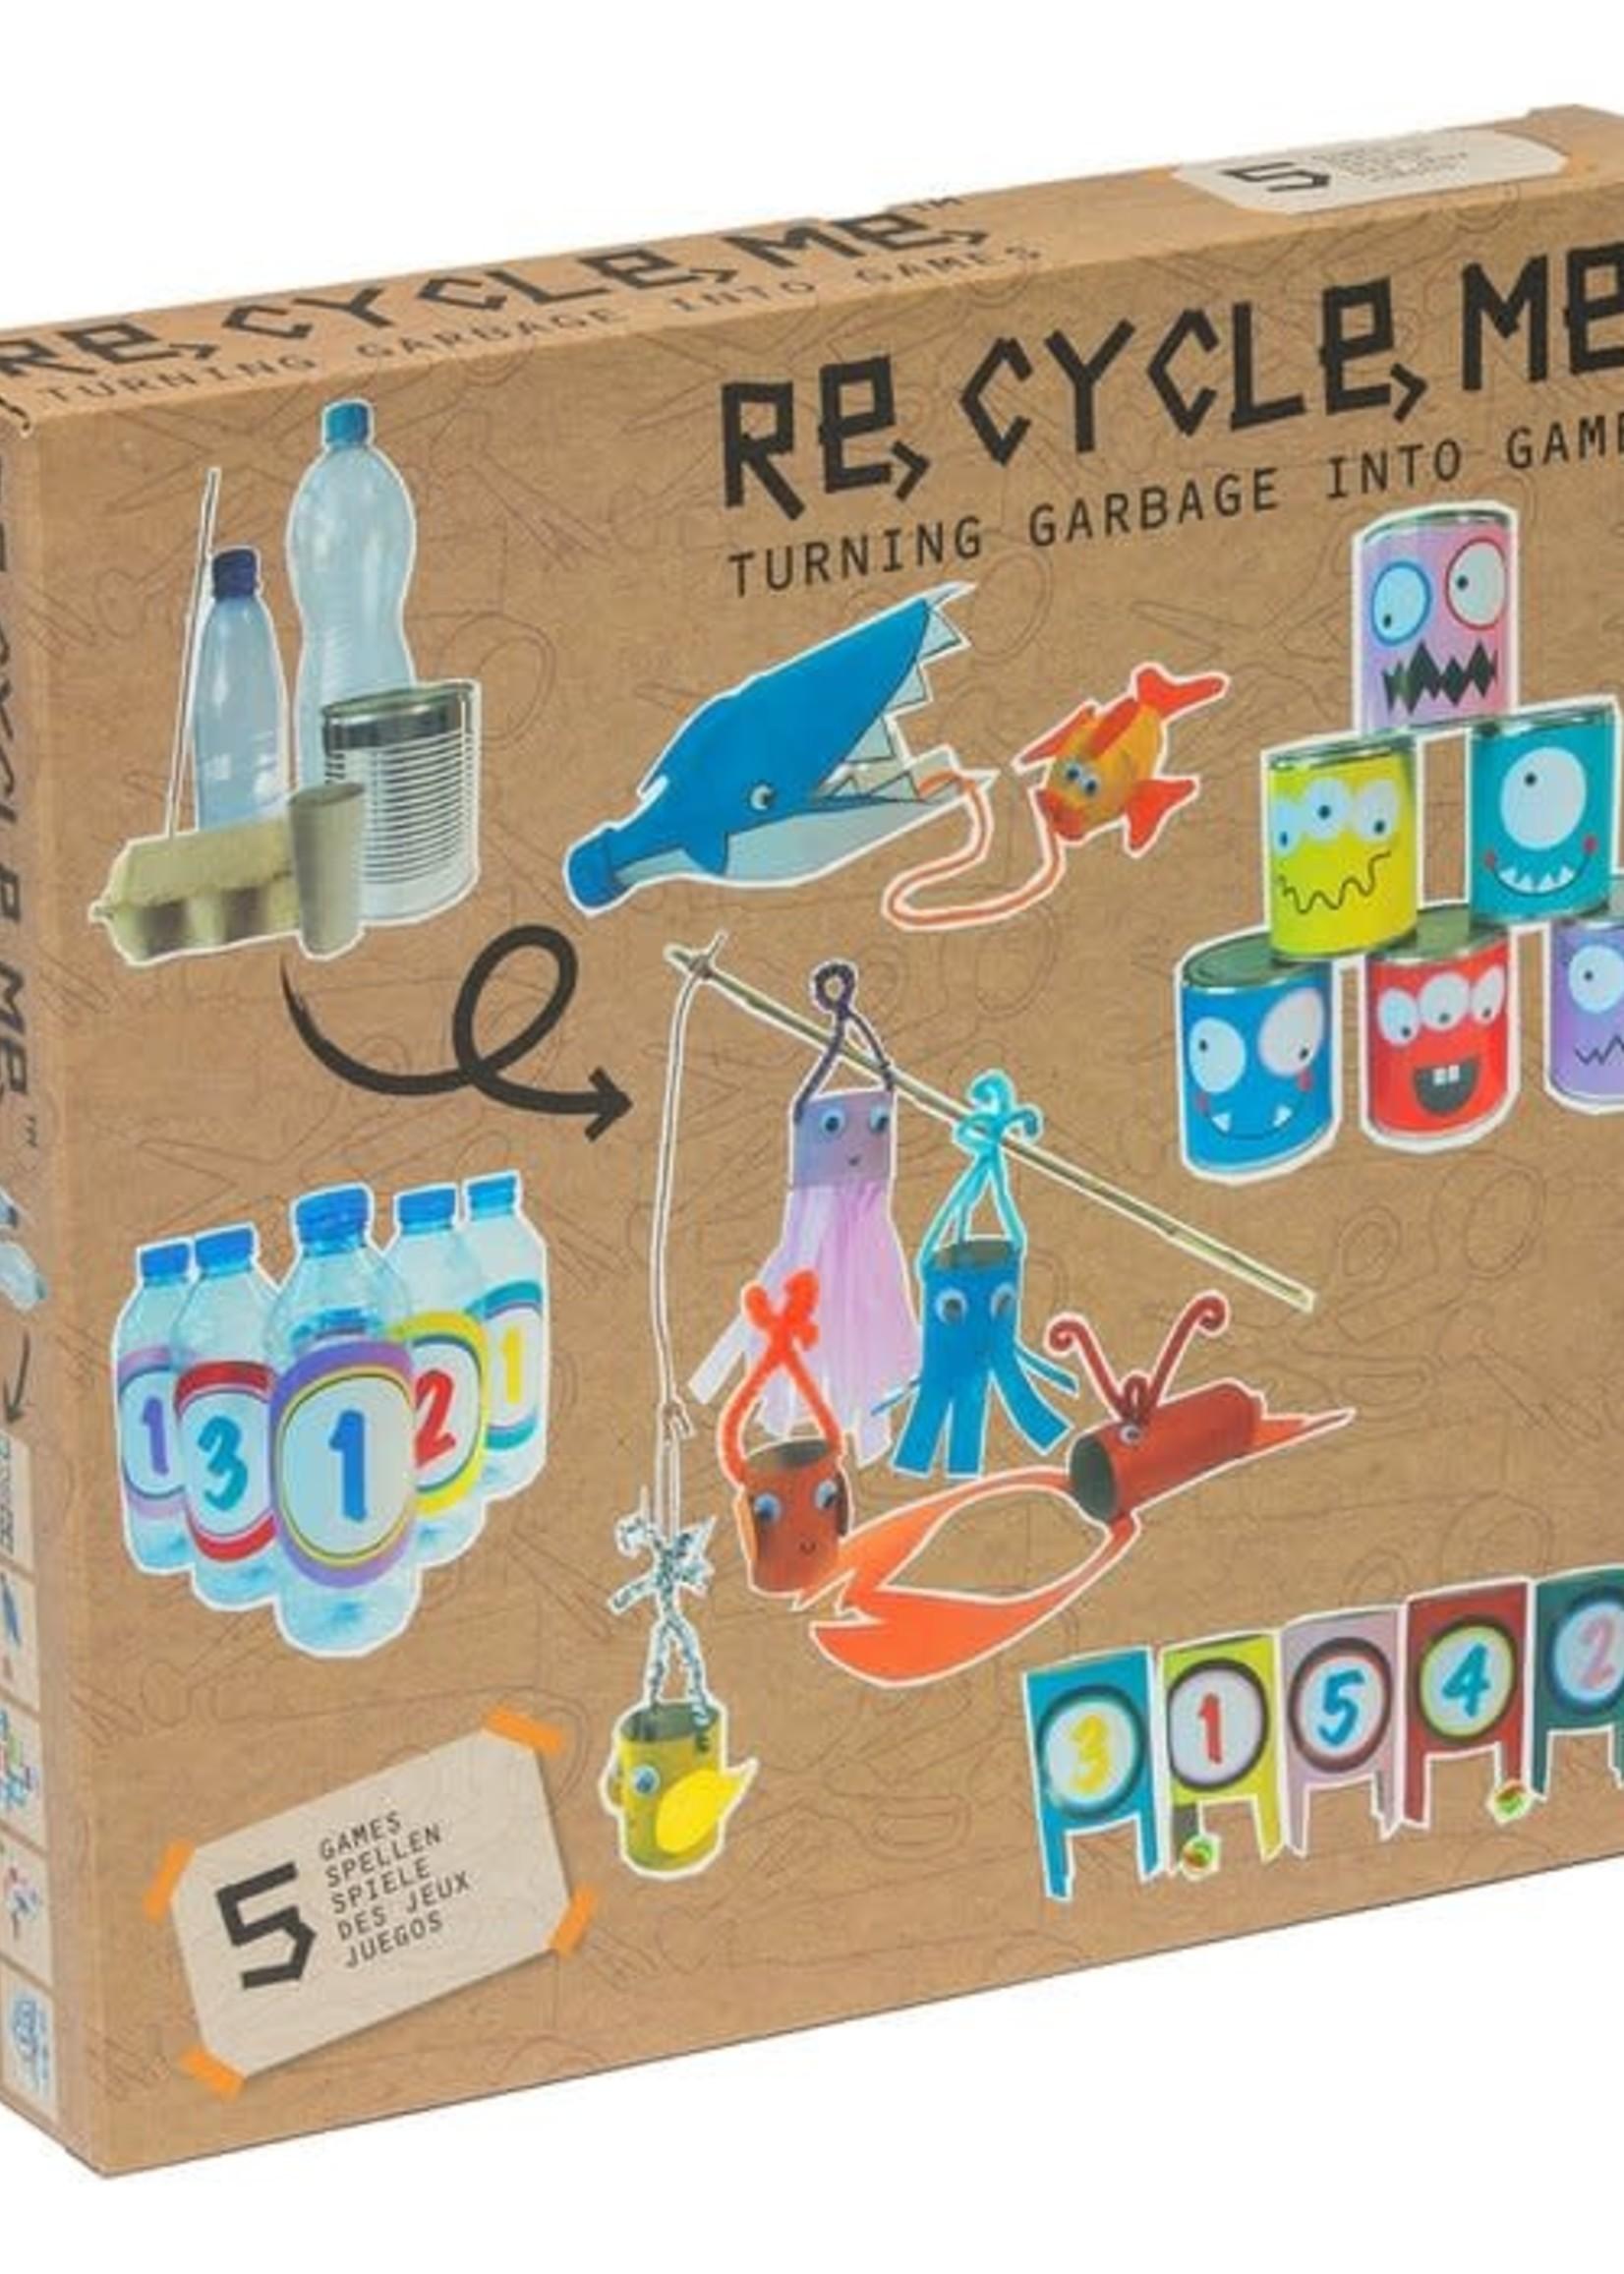 Re-Cycle-Me Re-Cycle-Me - Spelletjes knutselpakket